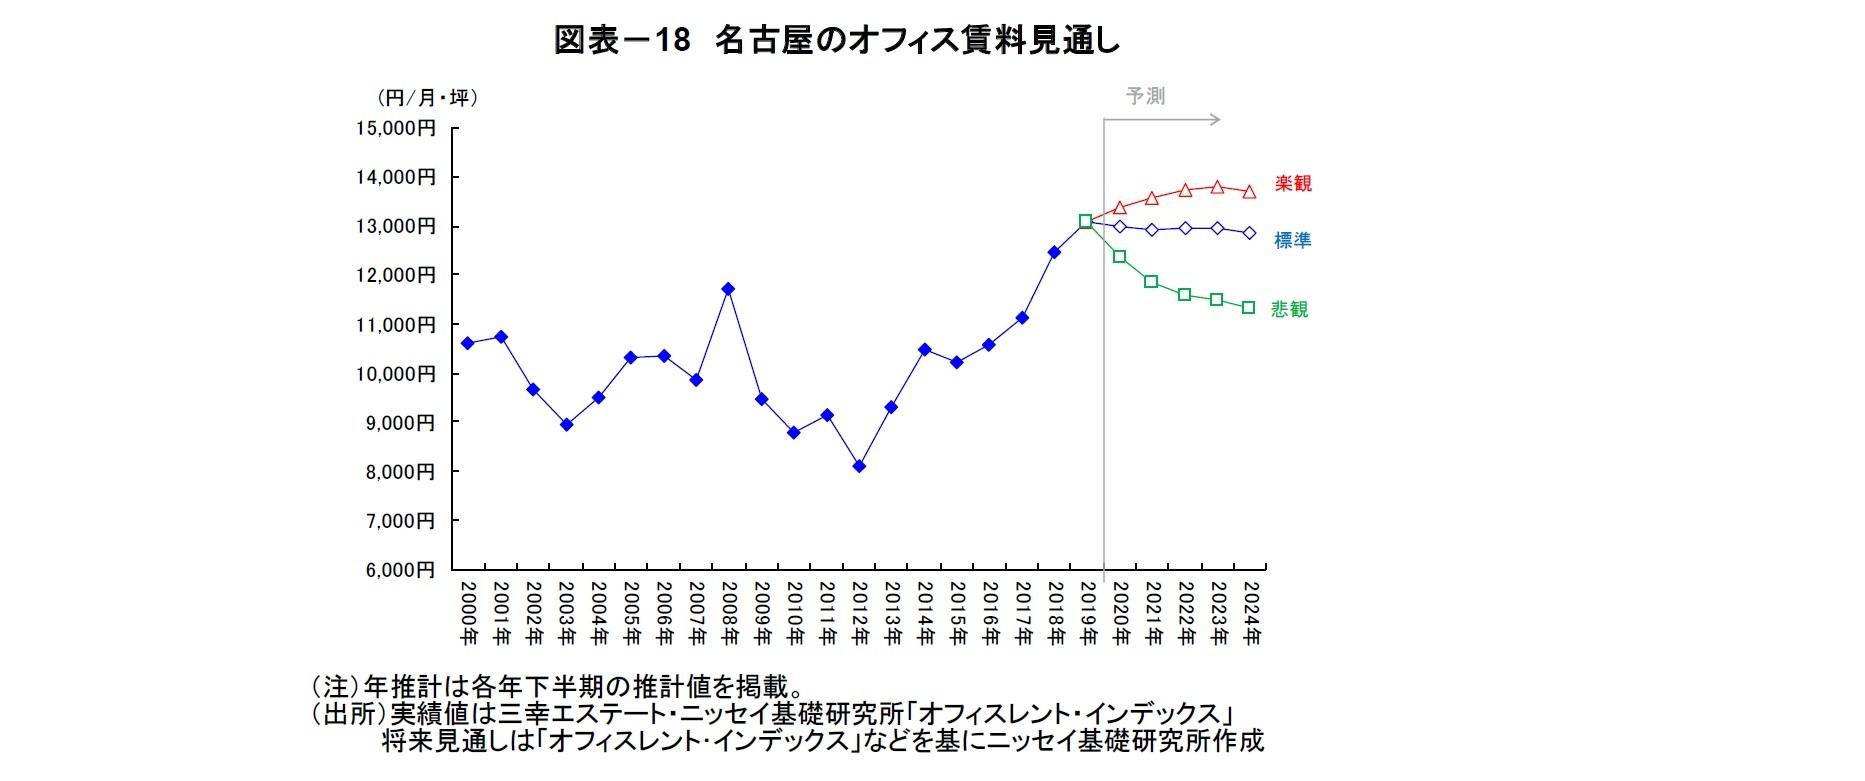 図表-18 名古屋のオフィス賃料見通し